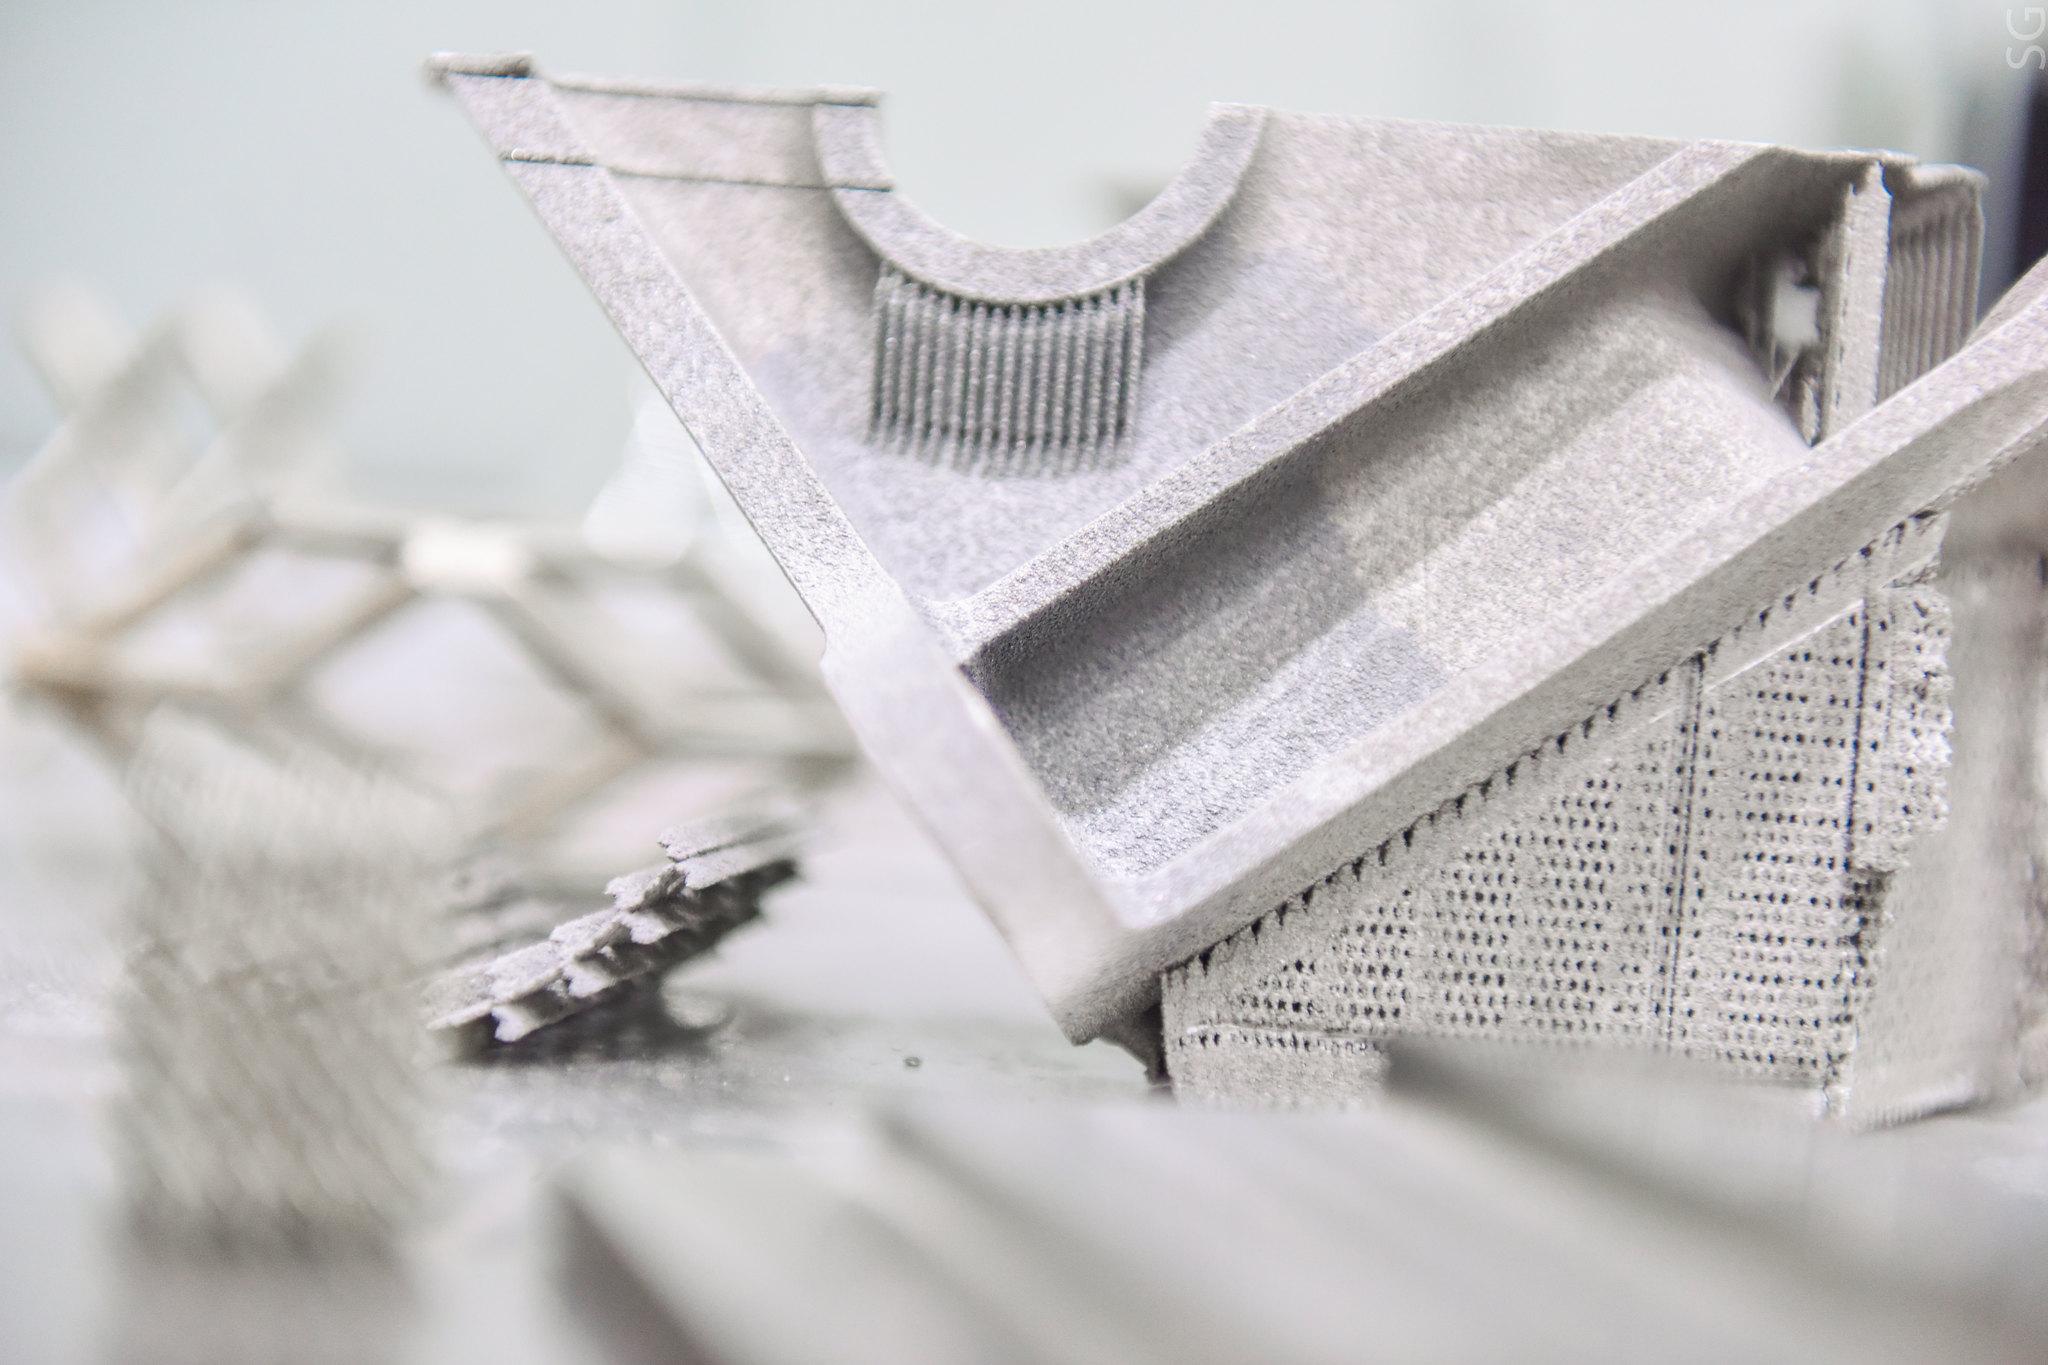 Бросовый метан amp 3D-принтинг и металл